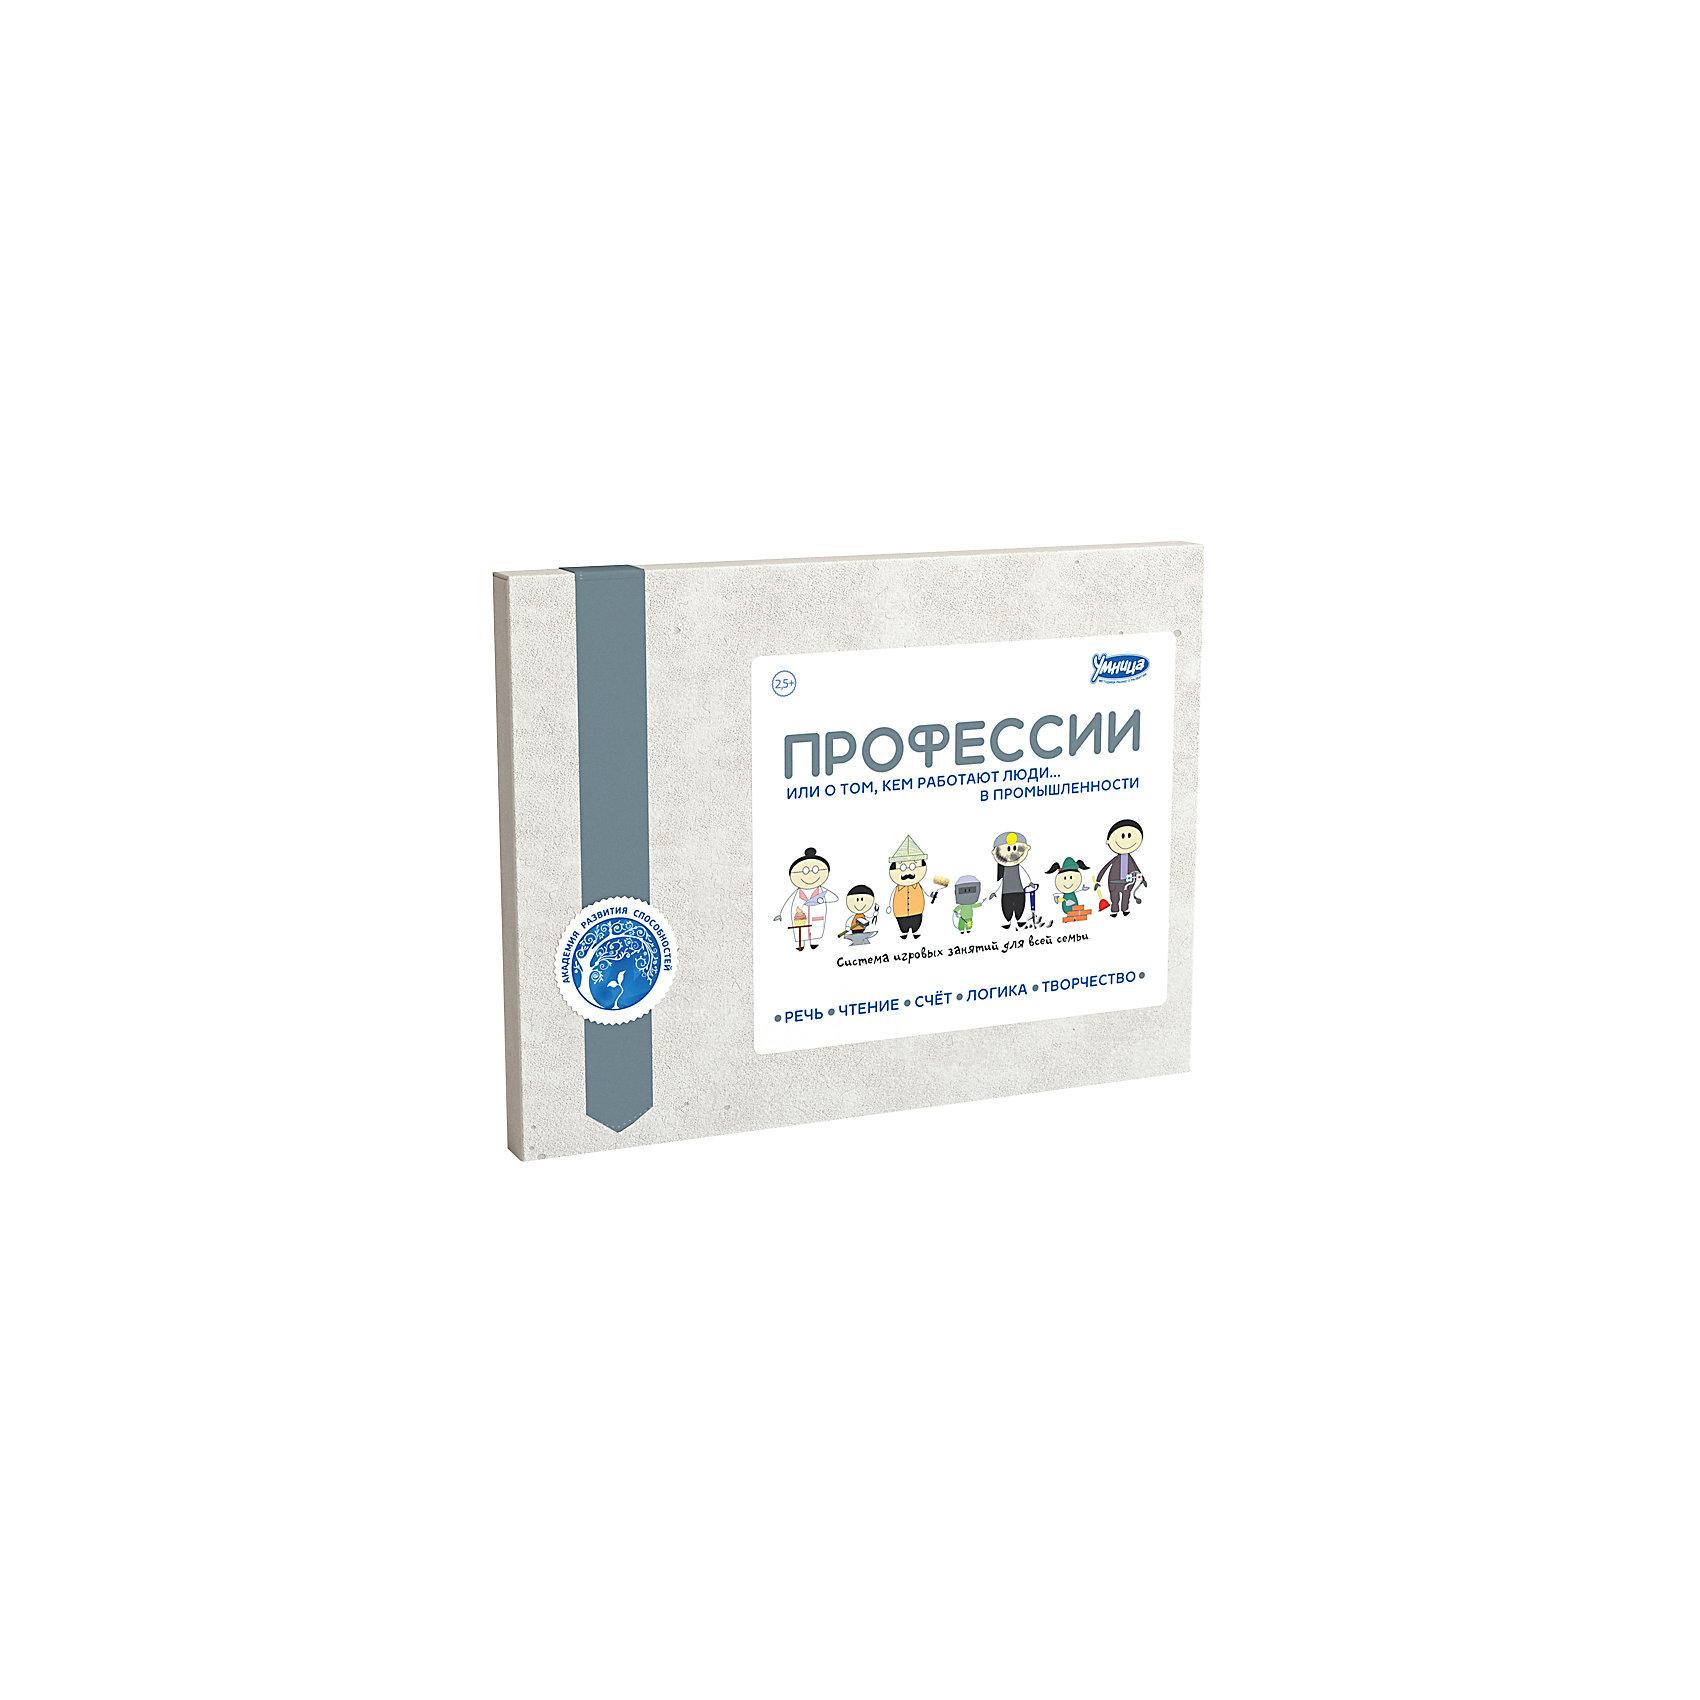 Настольная игра Профессии: НаукаМетодики раннего развития<br>Характеристики:<br><br>• Вид игр: обучающие, развивающие<br>• Серия: Развивающие книги<br>• Пол: универсальный<br>• Материал: картон, бумага<br>• Комплектация: 3 книги о профессиях, набор карточек с буквами и цифрами, комплект игровых фишек<br>• Тип упаковки: картонная коробка<br>• Размеры упаковки (Д*Ш*В): 30,5*23,5*28 см<br>• Вес в упаковке: 1 кг 240 г<br><br>Книга Профессии: Наука состоит из 3 книжек, в которых приведено описание рода занятий людей, занятых научными исследованиями и изобретениями. Каждая профессия сопровождается иллюстративным материалом и текстами. Текстовая часть приведена в сжатой форме и адаптирована для детей дошкольного возраста. Дополнительно в комплекте предусмотрены рекомендации для родителей. <br><br>Книга Профессии: Наука выполнена по типу комплексной методики: она содержит в себе не только обучающий материал (порядка 100 занятий), но и задания для закрепления пройденного материала. Занятия с данной книгой позволят расширить словарный запас слов, обогатить кругозор вашего ребенка и повысить уровень его эрудиции.<br><br>Книгу Профессии: Наука можно купить в нашем интернет-магазине.<br><br>Ширина мм: 305<br>Глубина мм: 235<br>Высота мм: 280<br>Вес г: 1240<br>Возраст от месяцев: 36<br>Возраст до месяцев: 2147483647<br>Пол: Унисекс<br>Возраст: Детский<br>SKU: 5523177